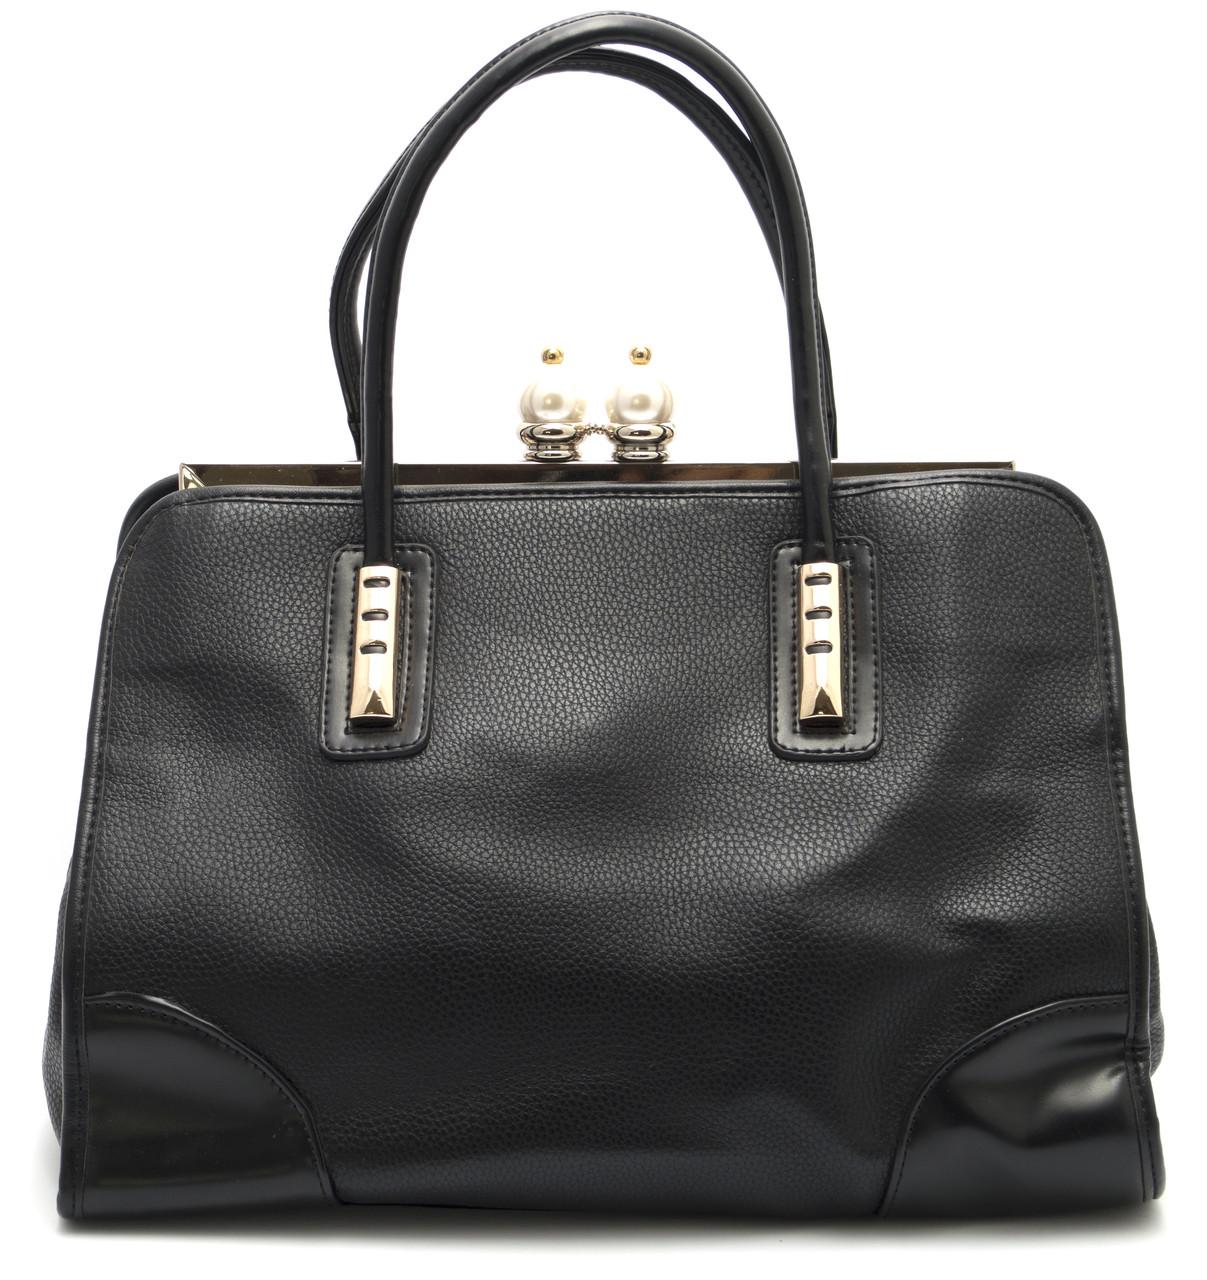 Красивая женская сумка  Б/Н art. 392 черный цвет